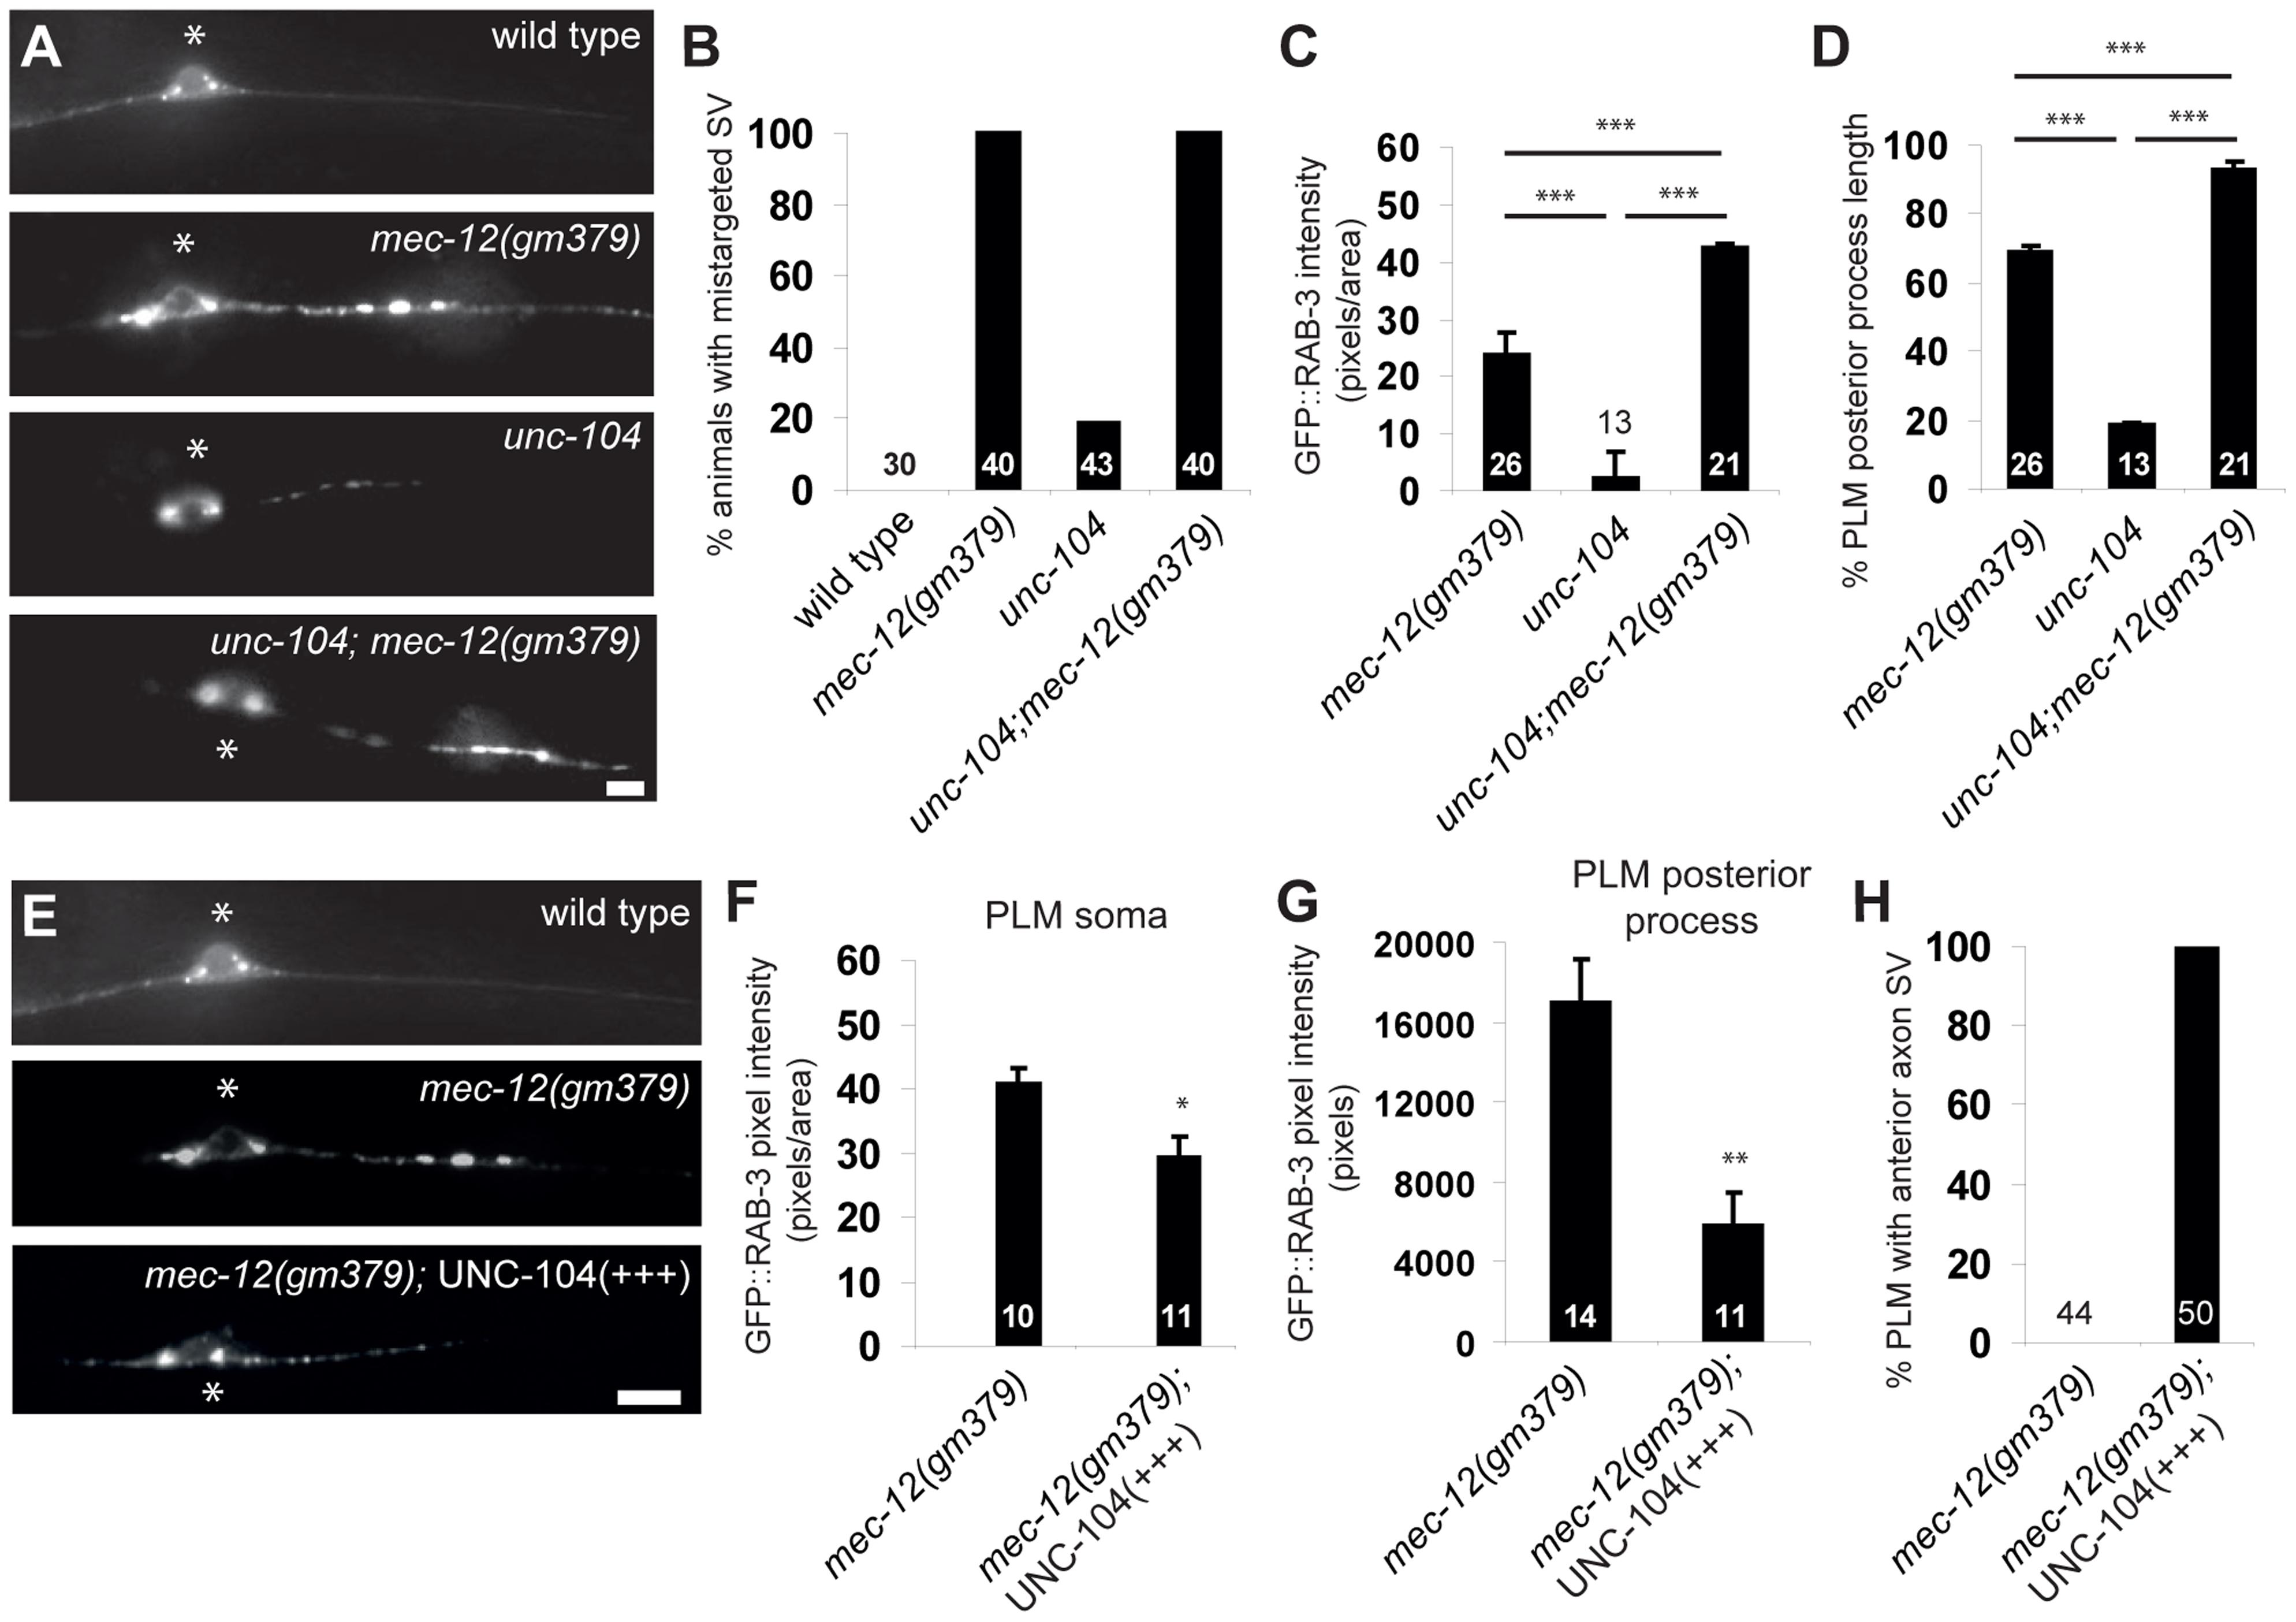 Genetic interaction between <i>mec-12(gm379)</i> and <i>unc-104</i>.